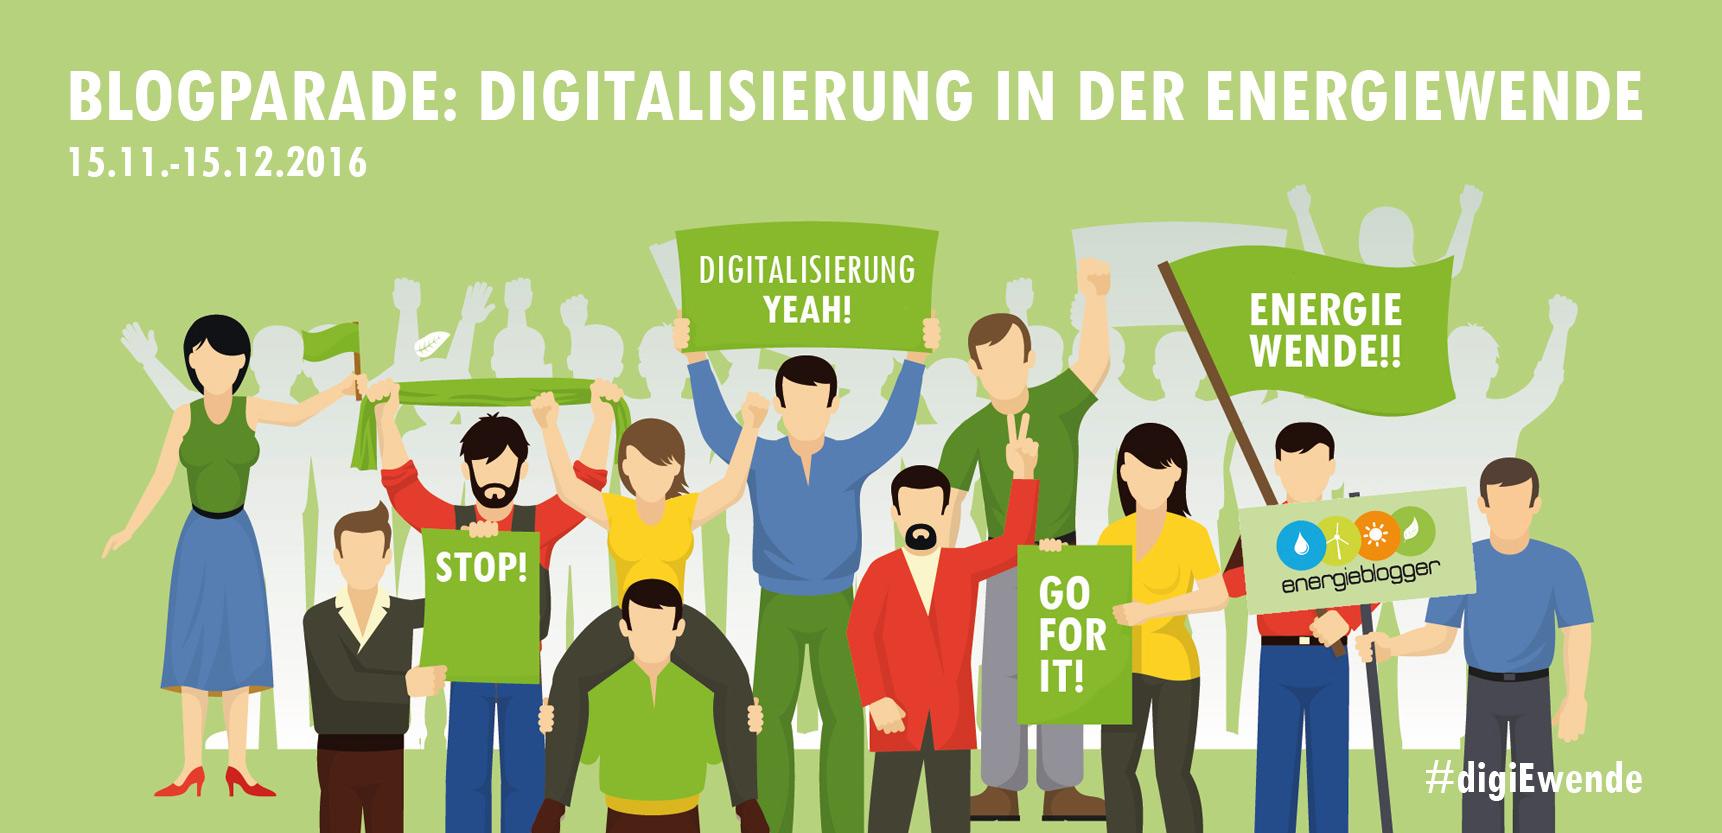 Blogparade zum Thema Digitalisierung der Energiewende, initiiert von sunny, dem SMA-Blog.